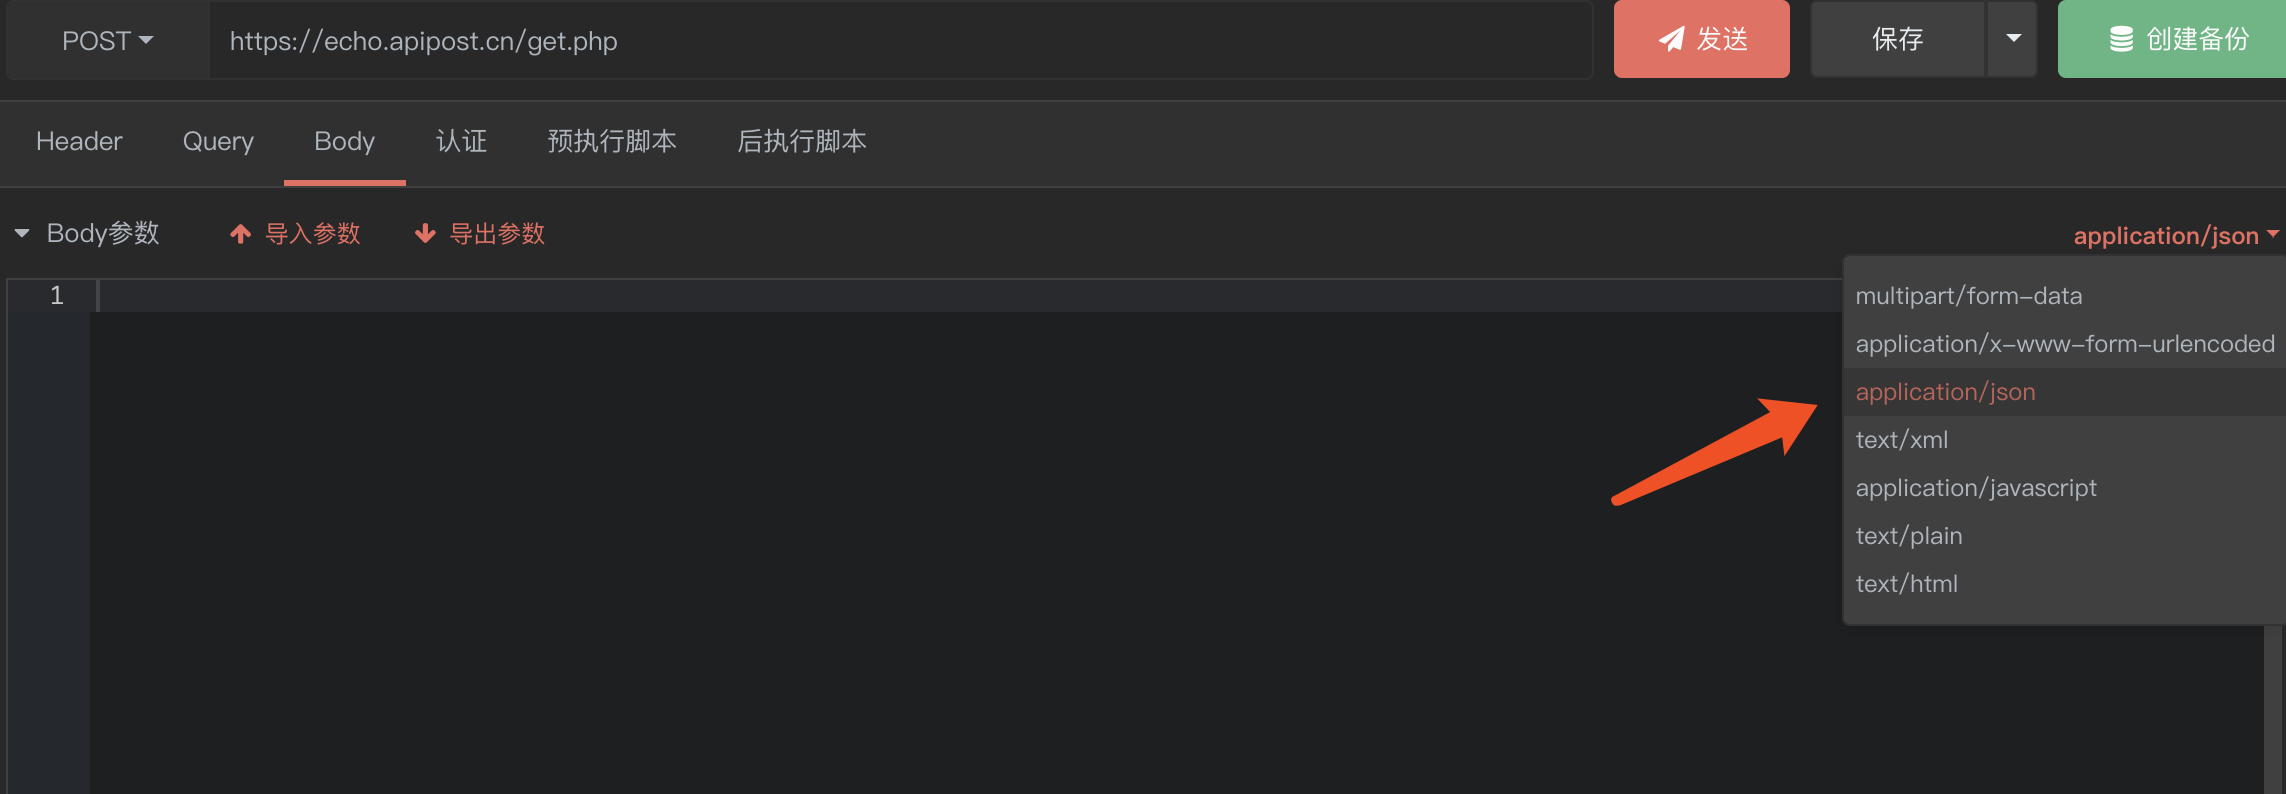 请问如何测试GraphQL风格的接口?